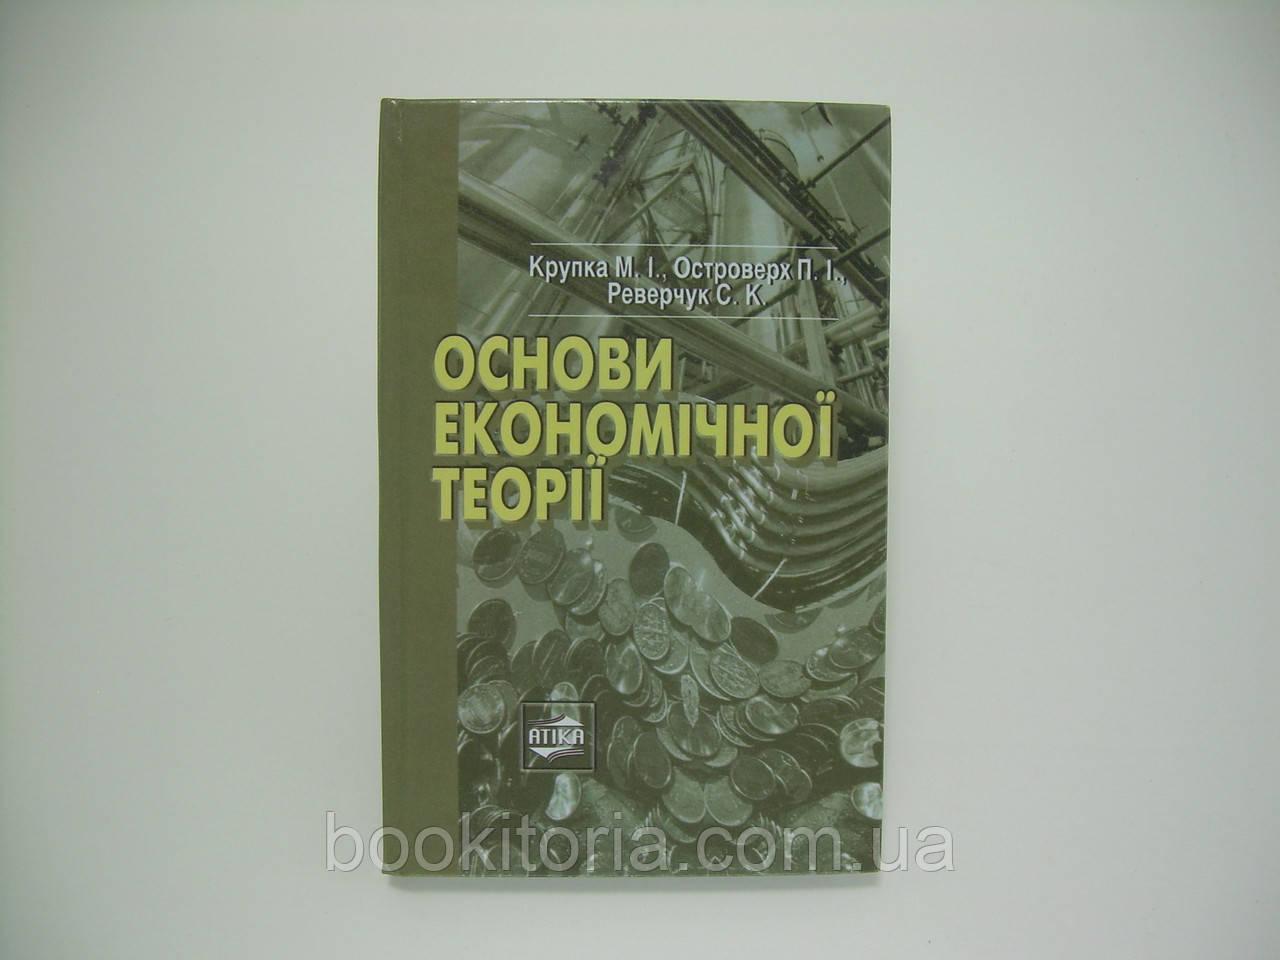 Крупка М. та ін. Основи економічної теорії (б/у).